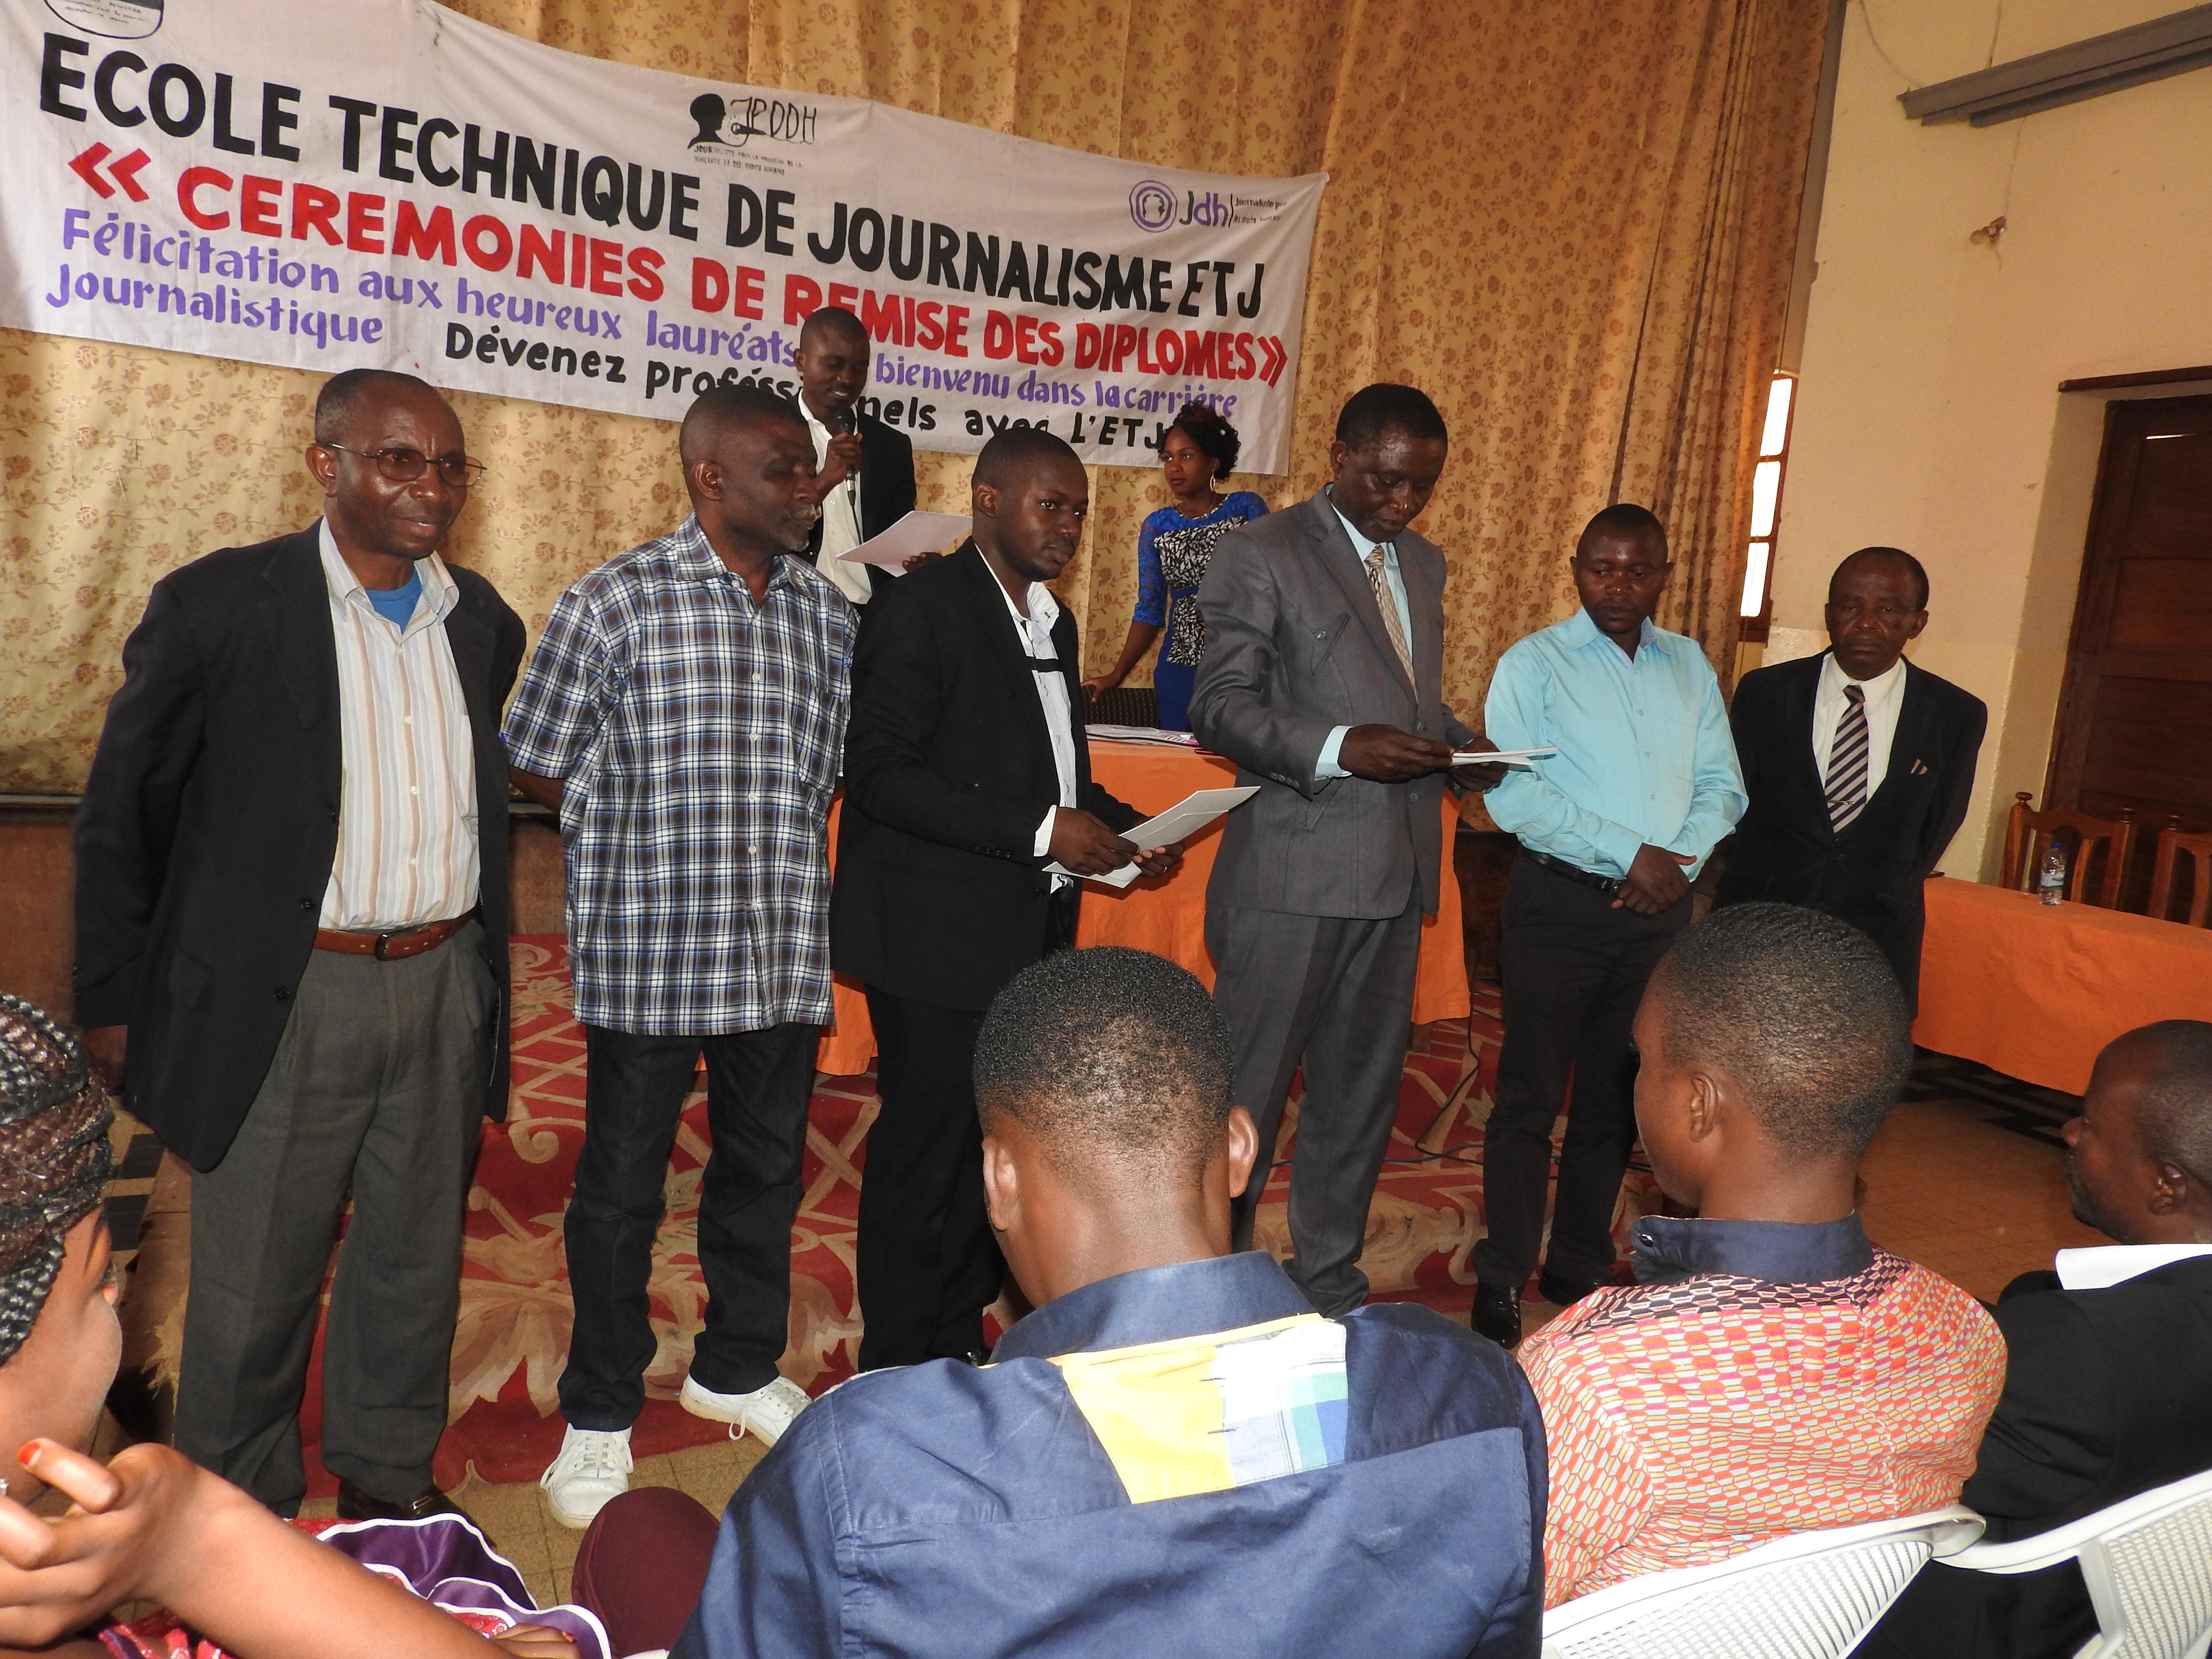 ETJ : Remise des diplômes aux lauréats, la communauté s'en réjouit